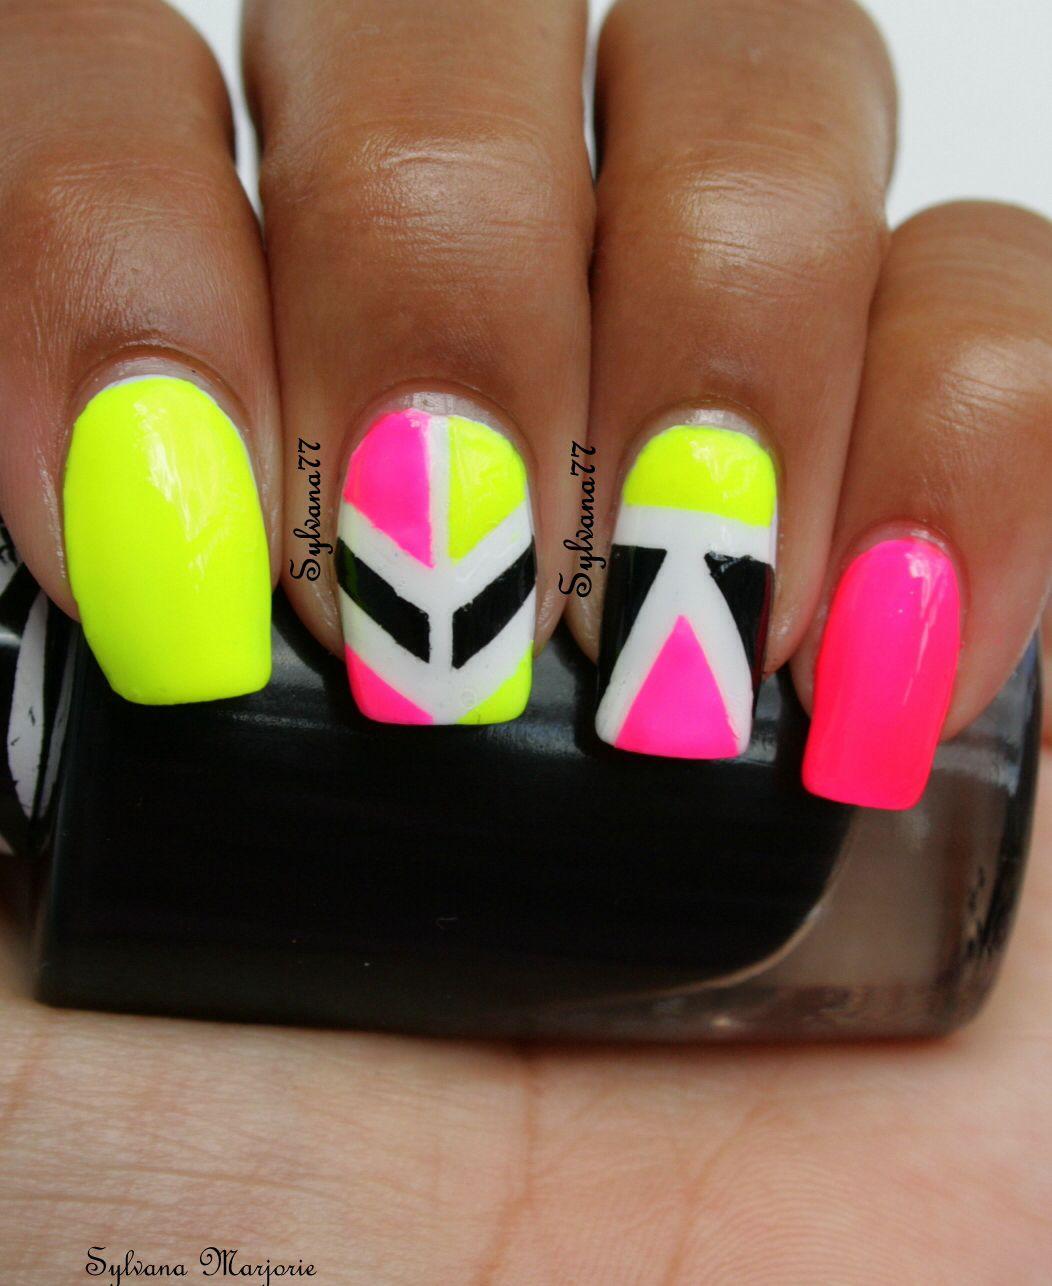 Neon nail art nails   Hair, Make-up & nails   Pinterest   Neon nail ...